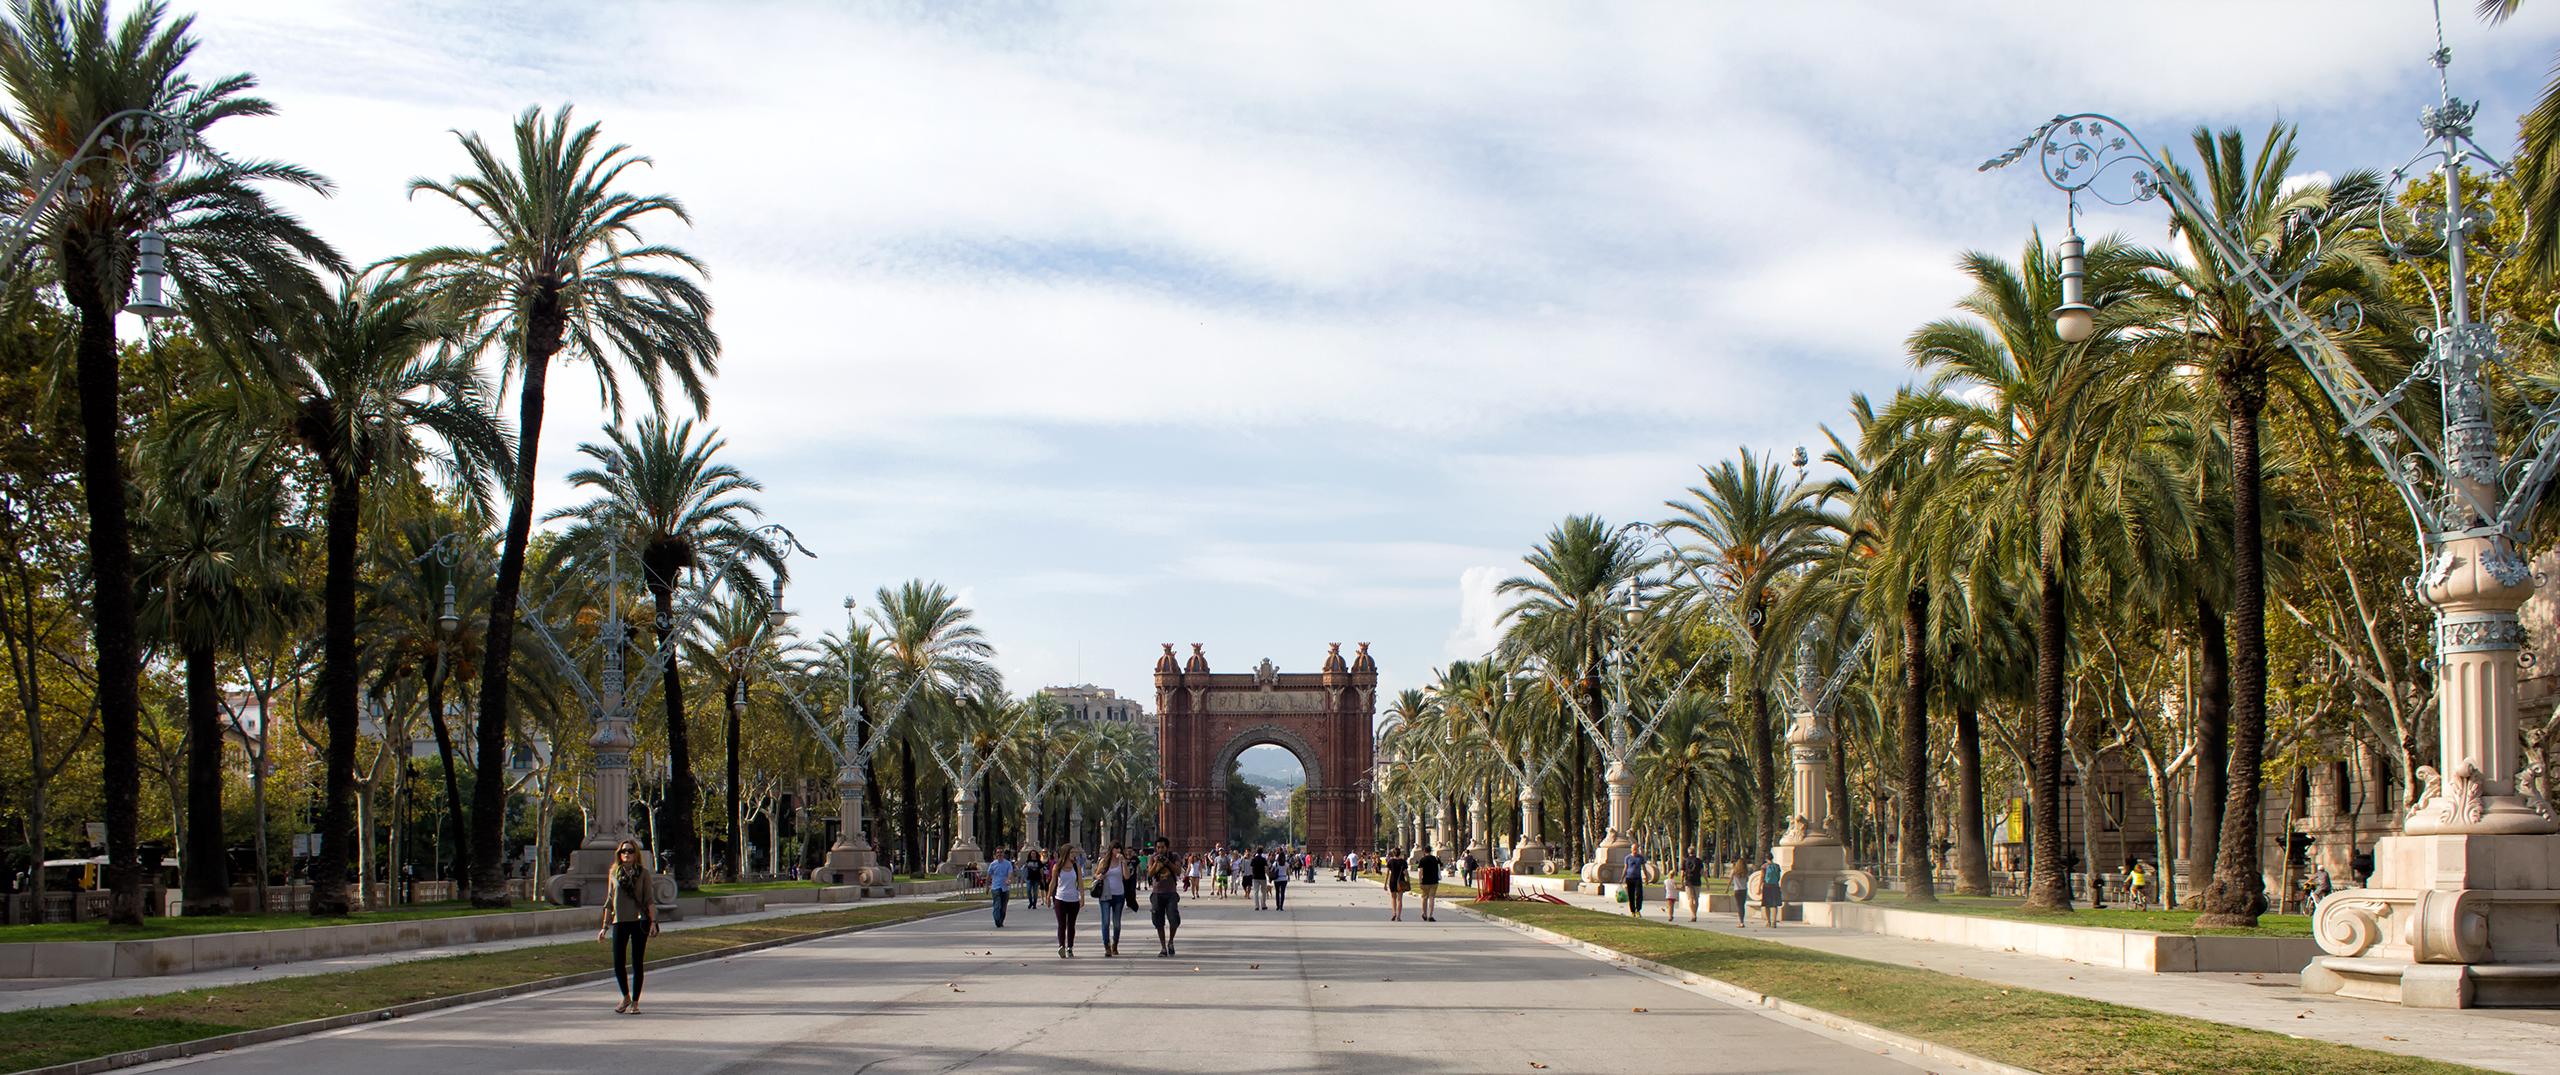 Триумфальная арка в Барселоне Barcelona